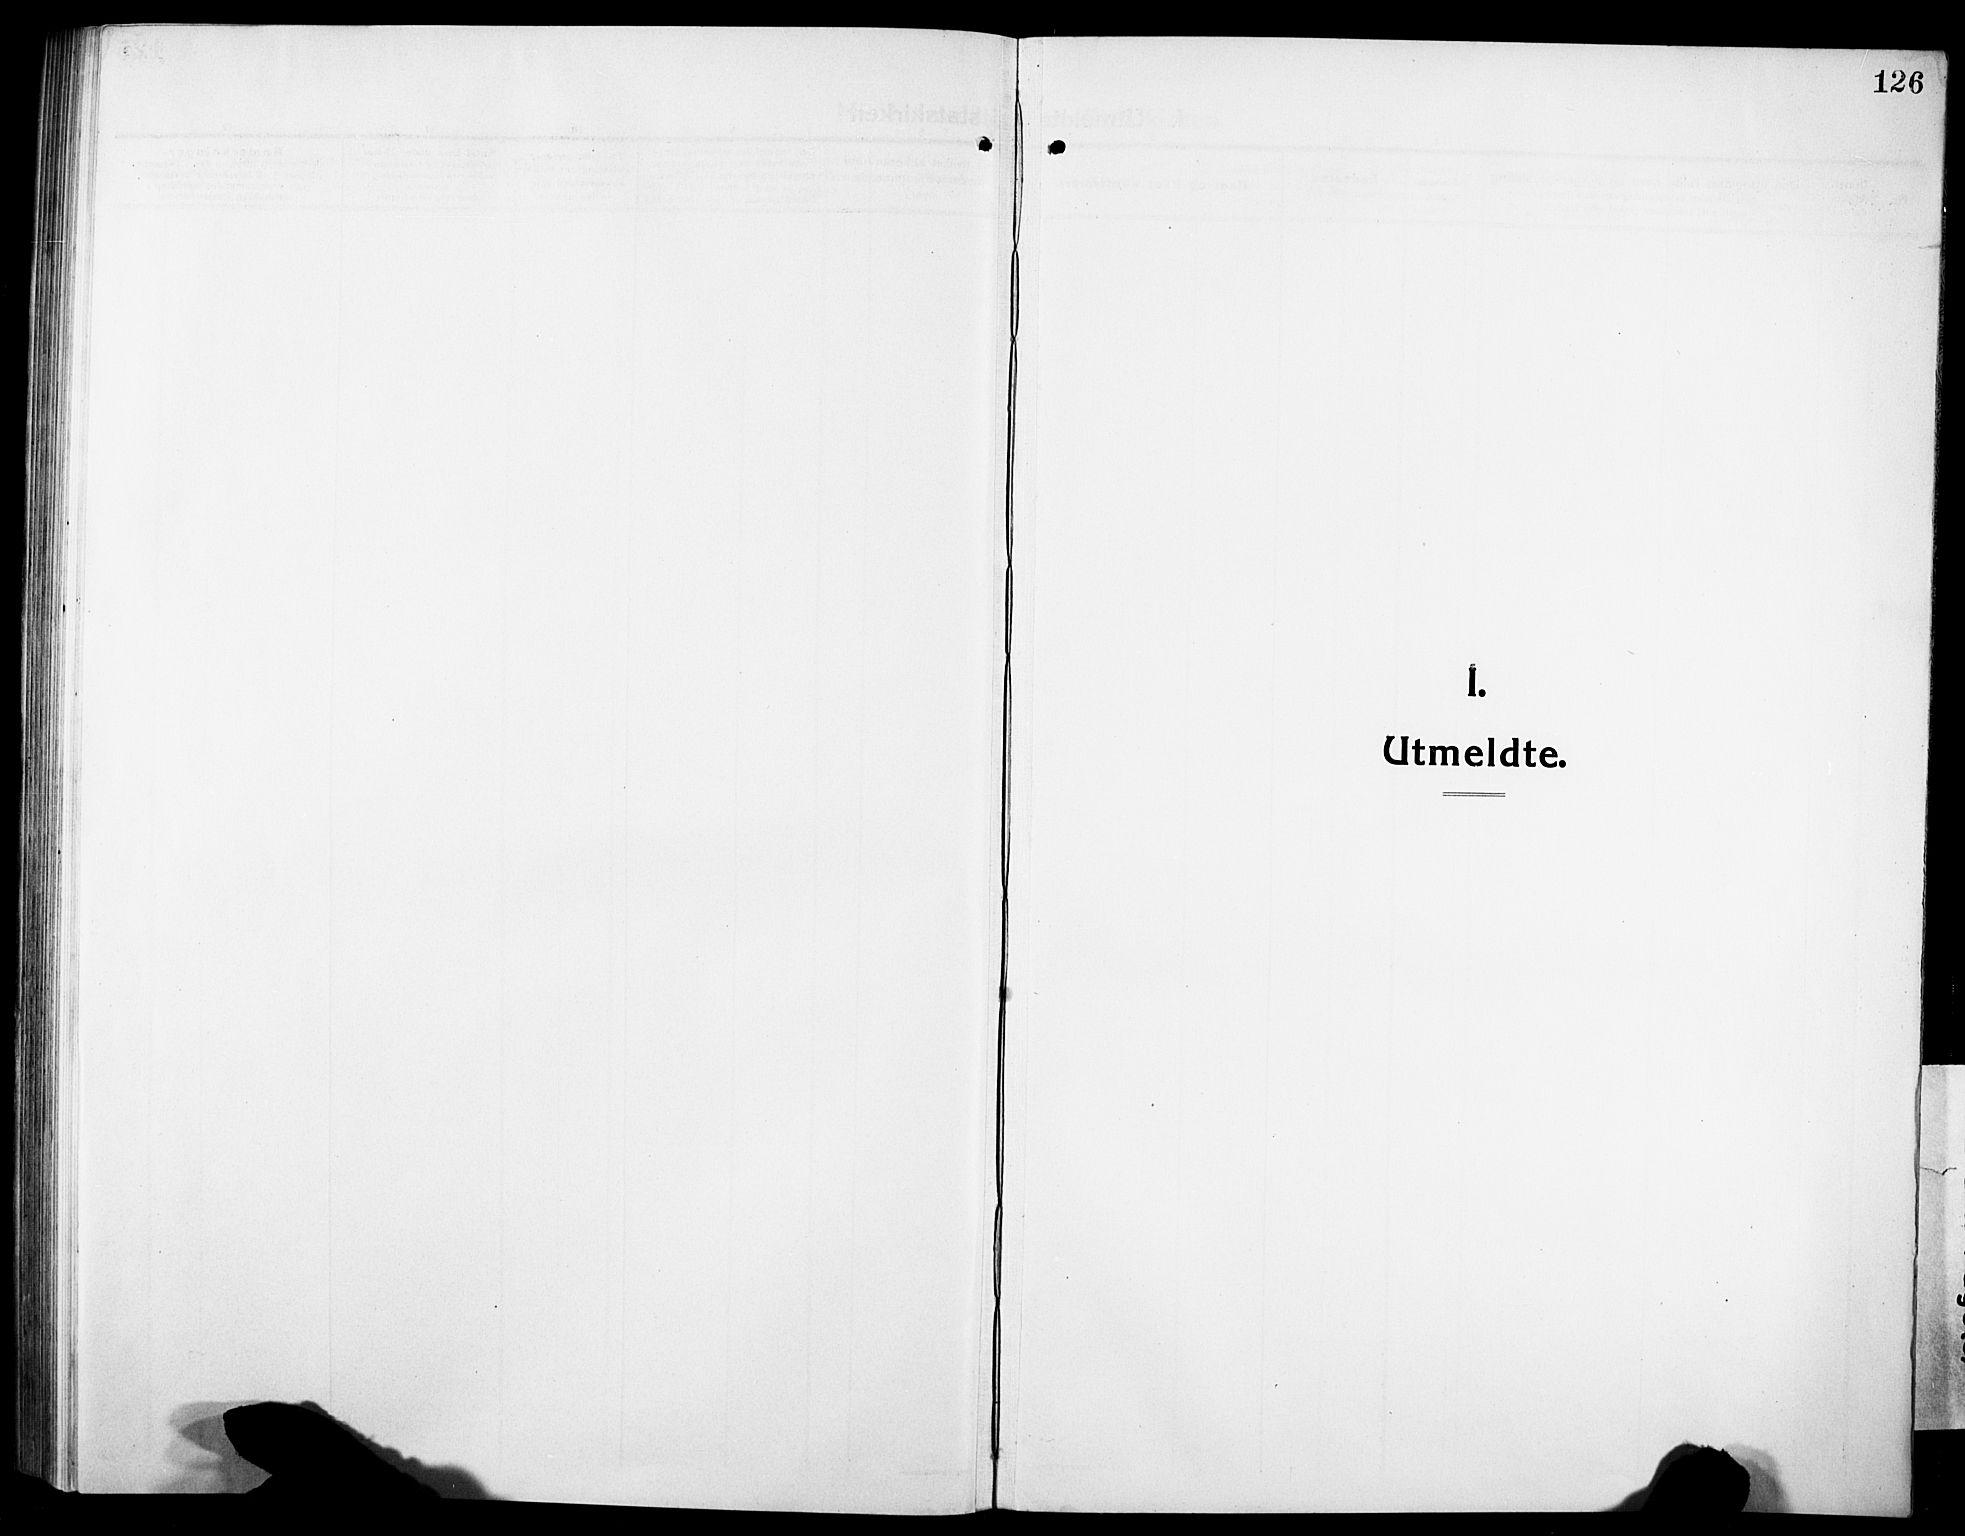 SAT, Ministerialprotokoller, klokkerbøker og fødselsregistre - Sør-Trøndelag, 634/L0543: Klokkerbok nr. 634C05, 1917-1928, s. 126